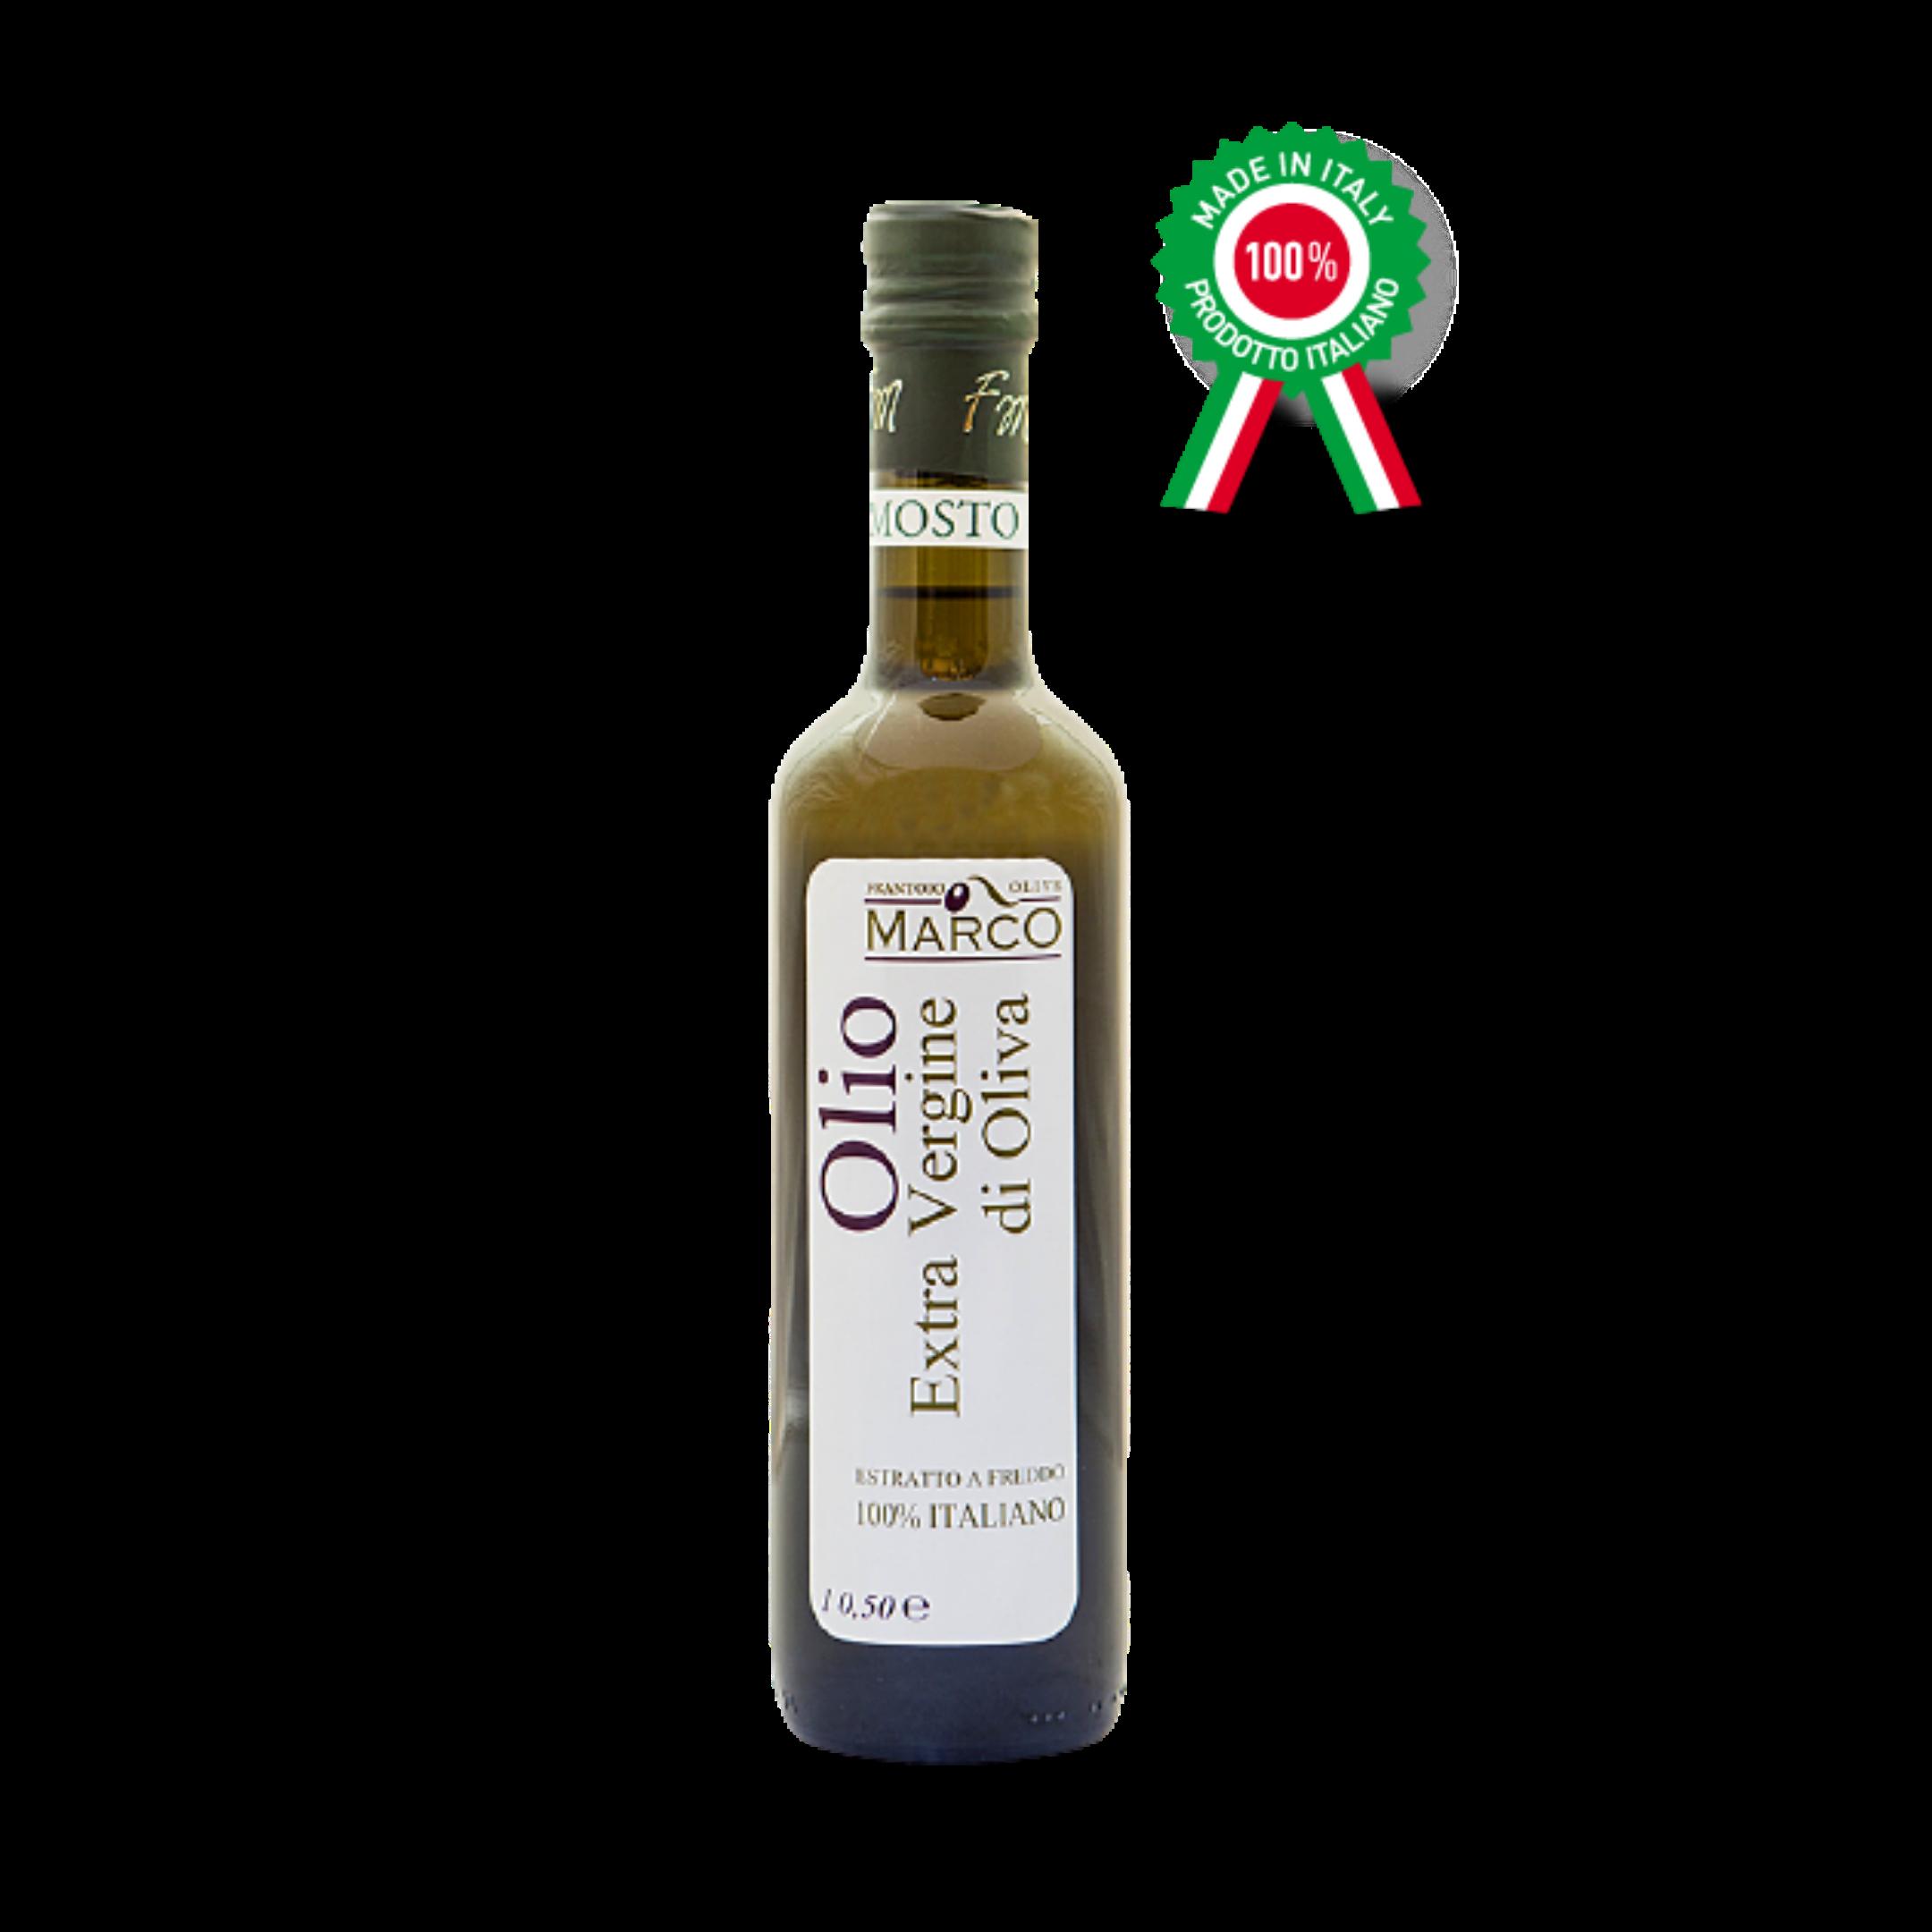 Olio Extra vergine di oliva 0,50 l